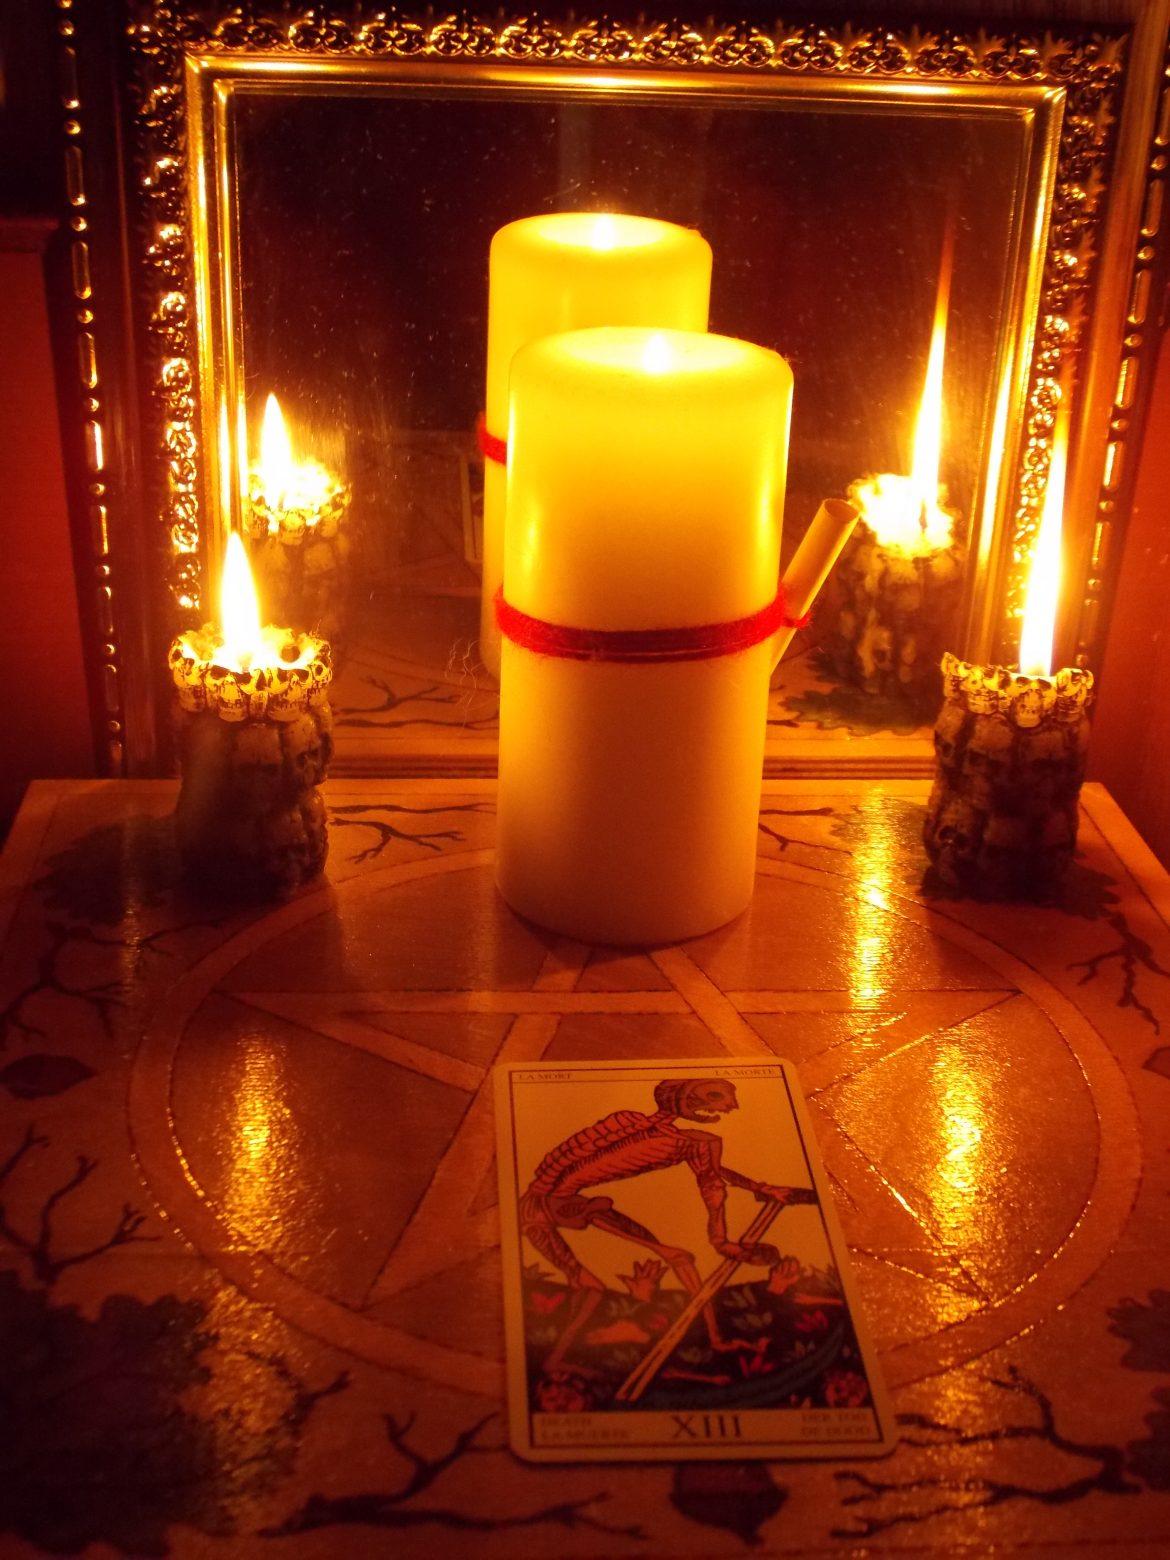 присуха вызов на свечу и фото арлекина является редкой